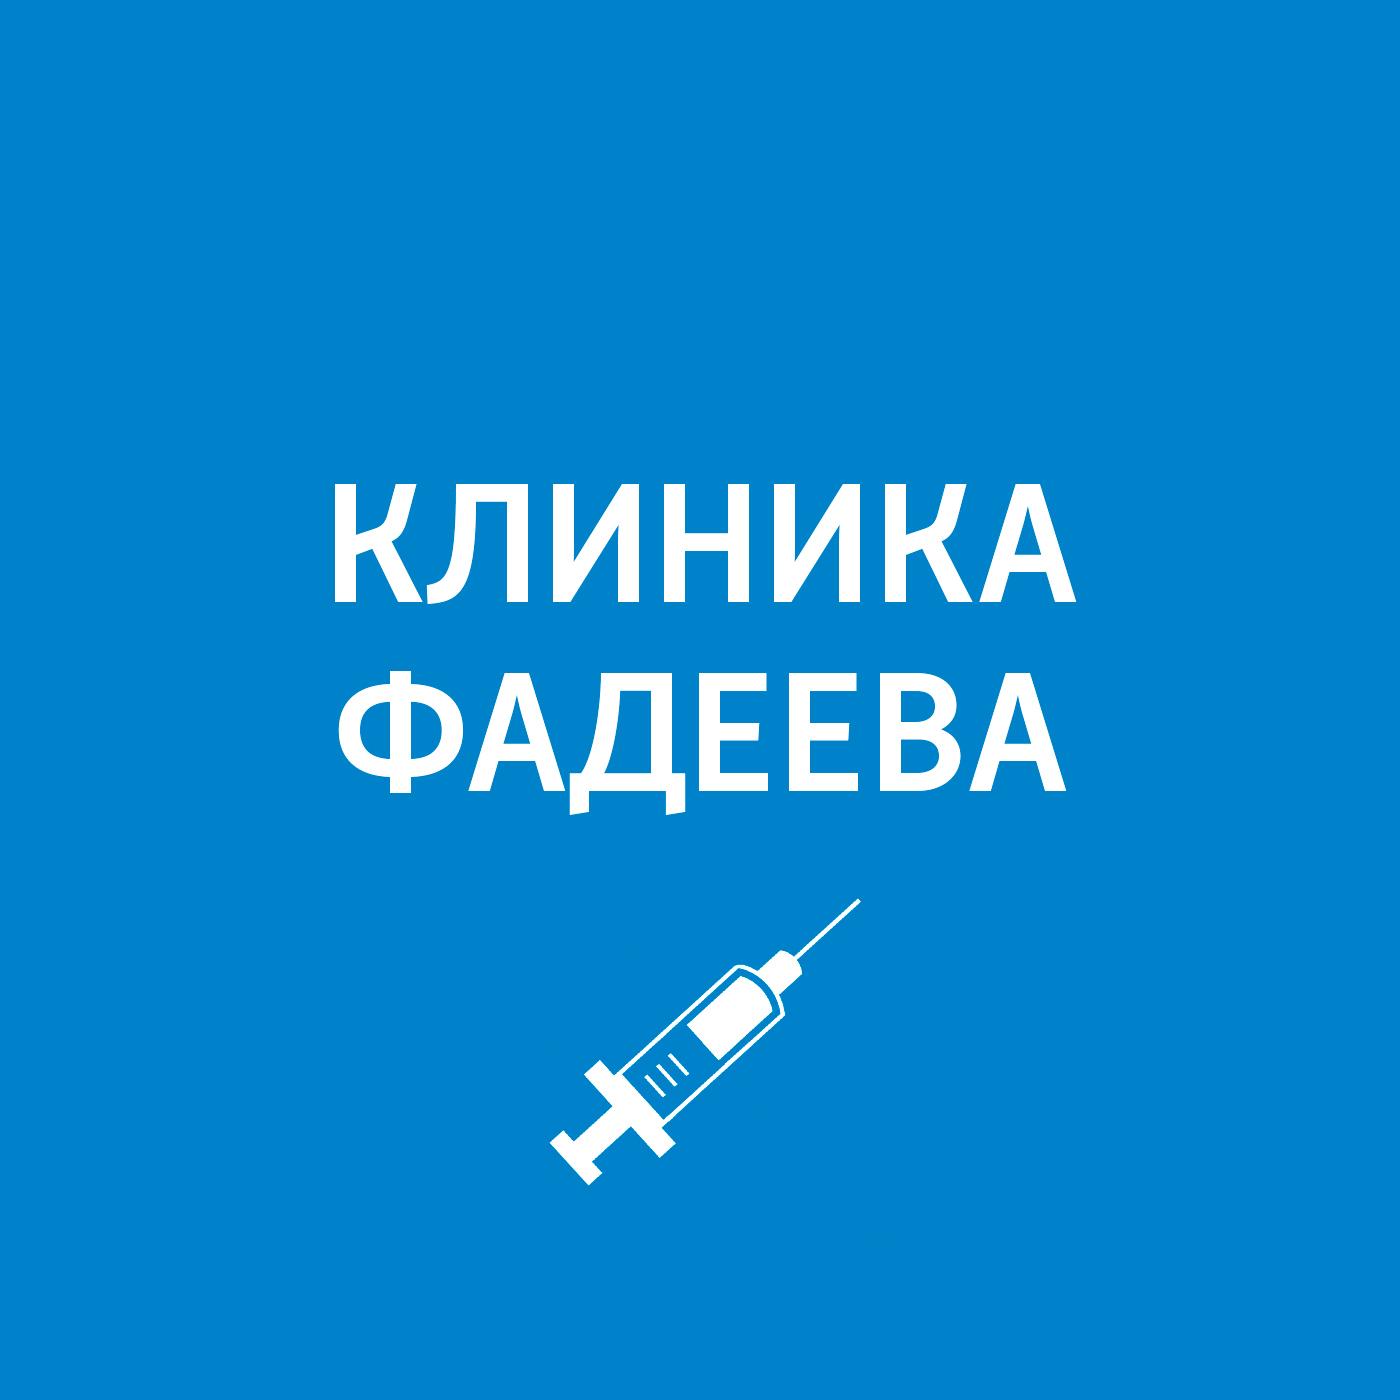 Пётр Фадеев Сердце пётр фадеев ветеринар герпетолог